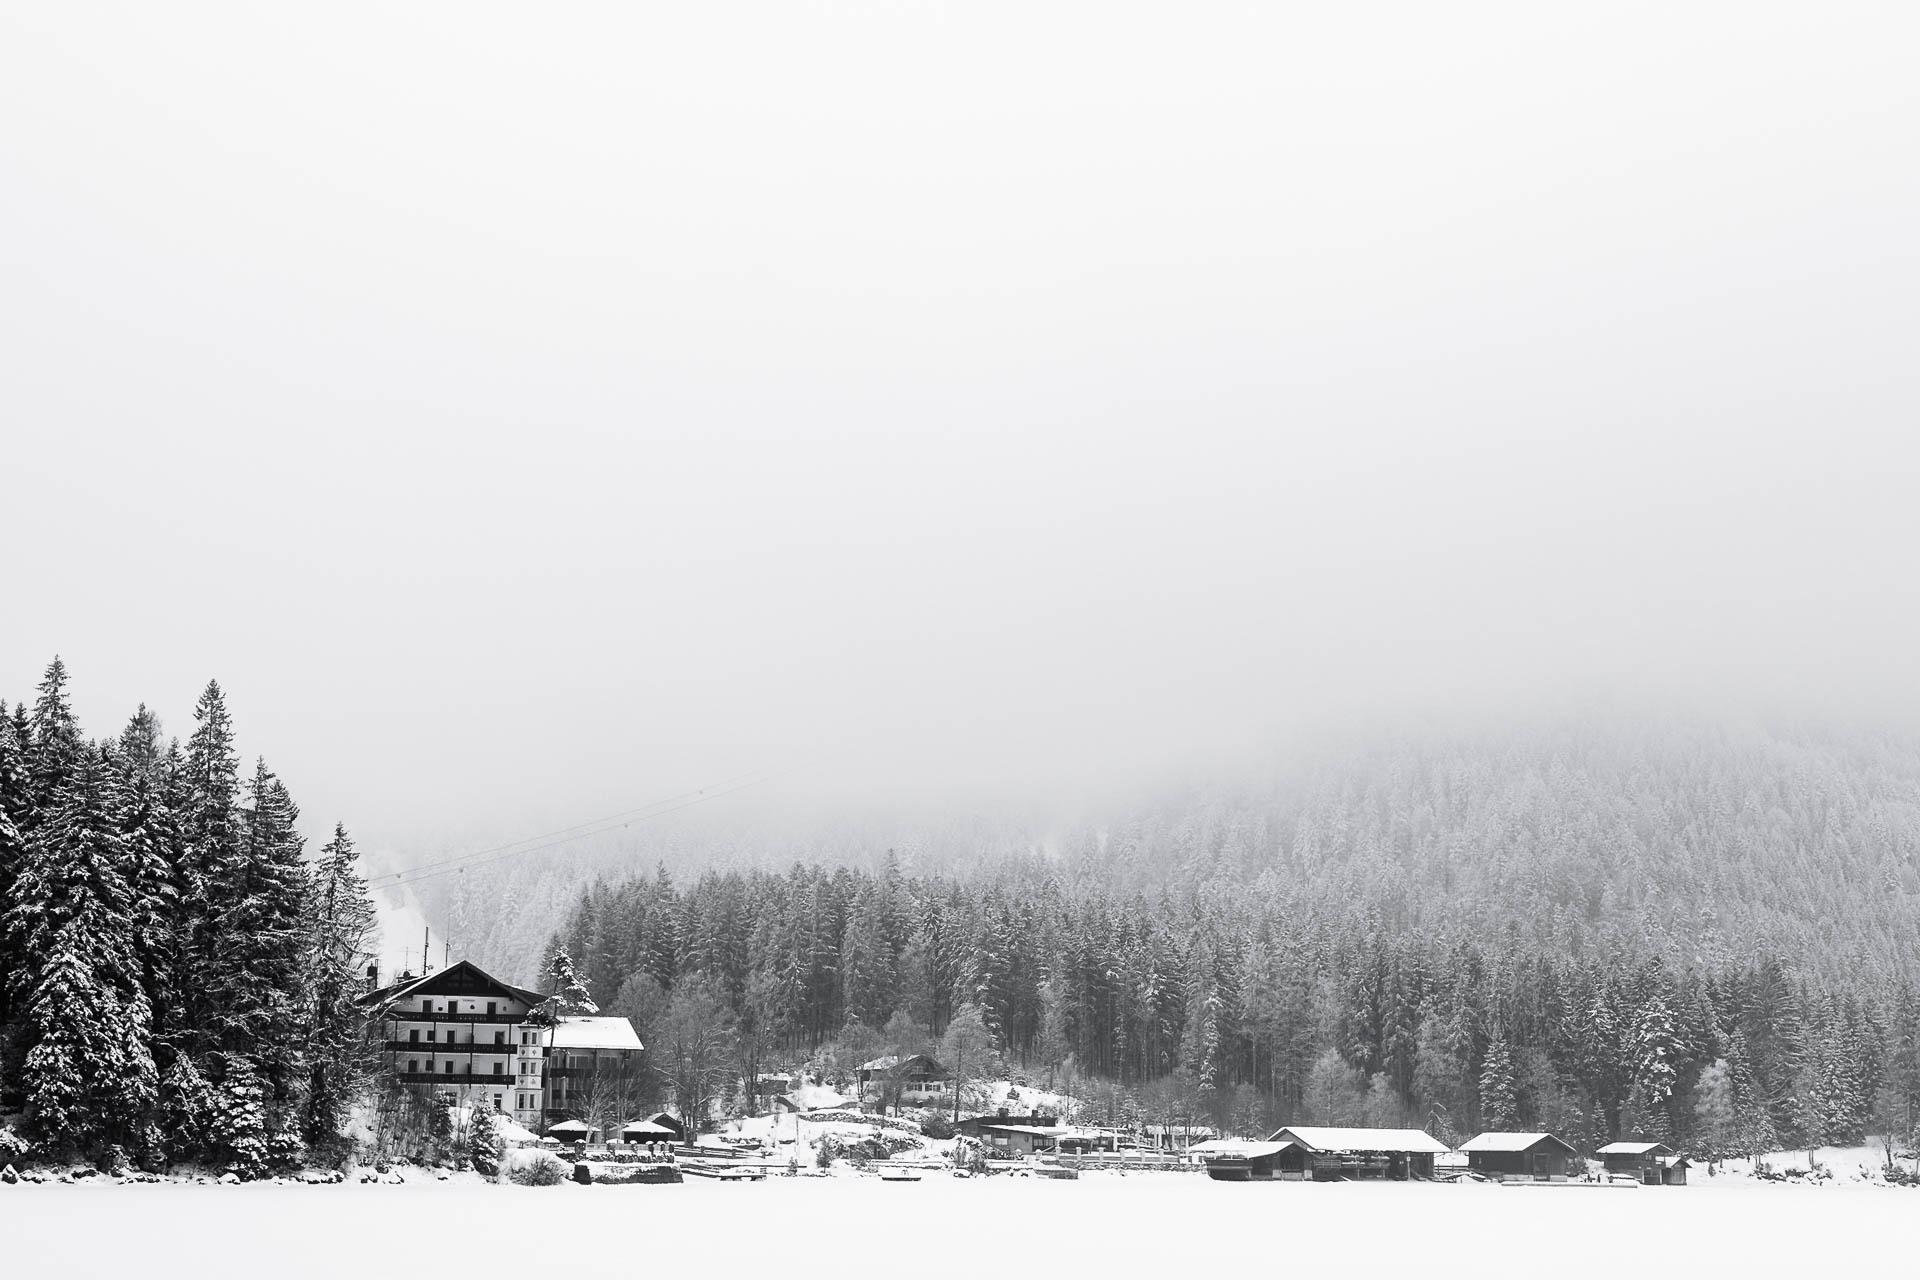 Blick auf die Zugspitze und das Hotel Eibsee im Nebel